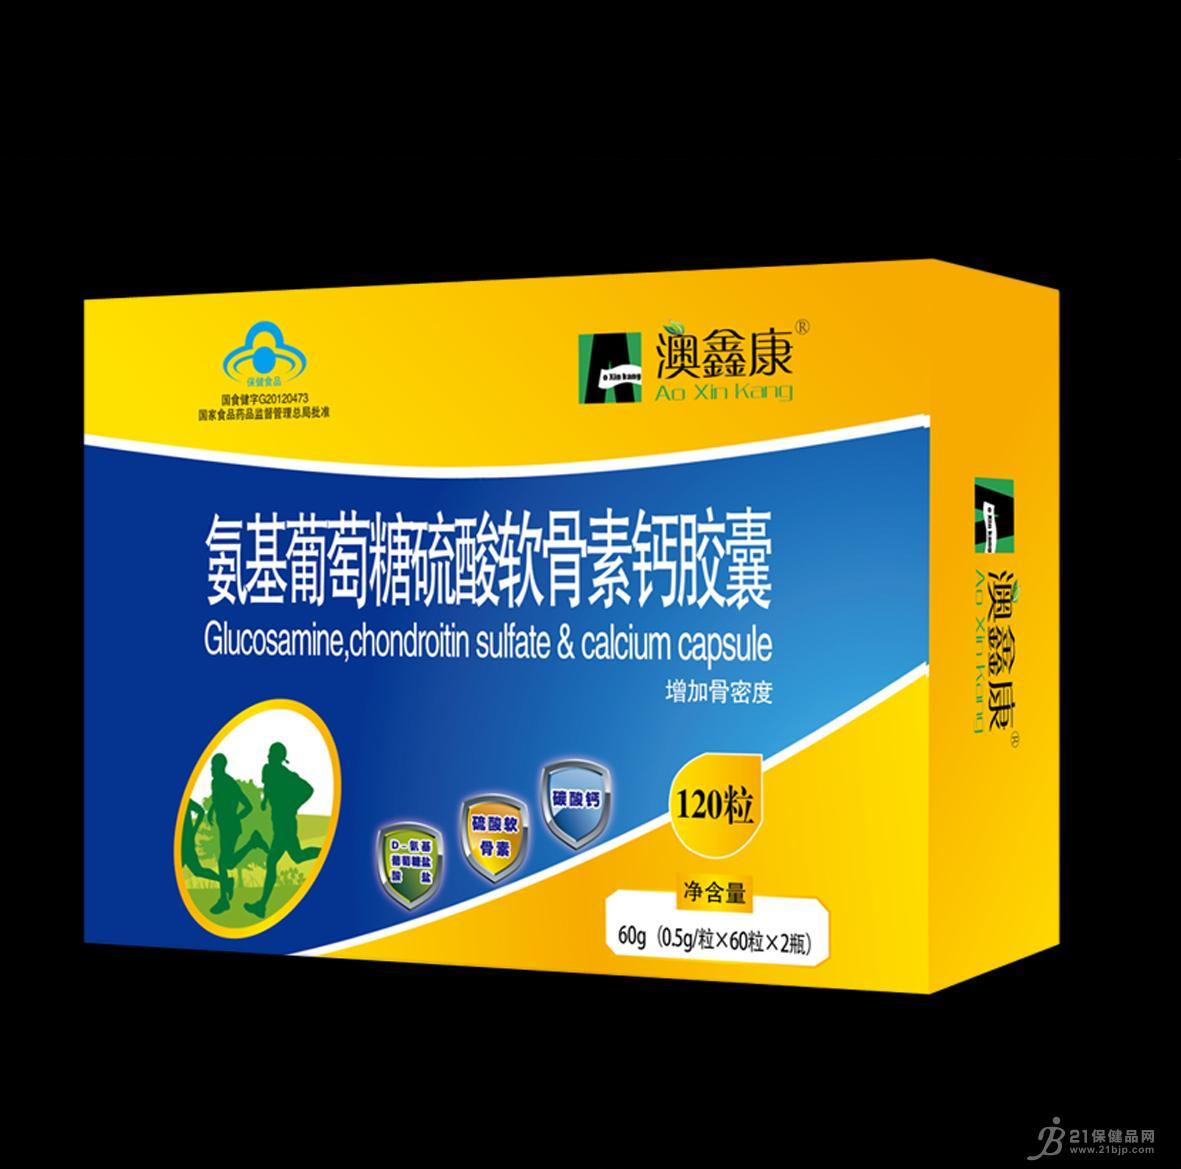 澳鑫康牌氨基葡萄糖硫酸软骨素钙胶囊